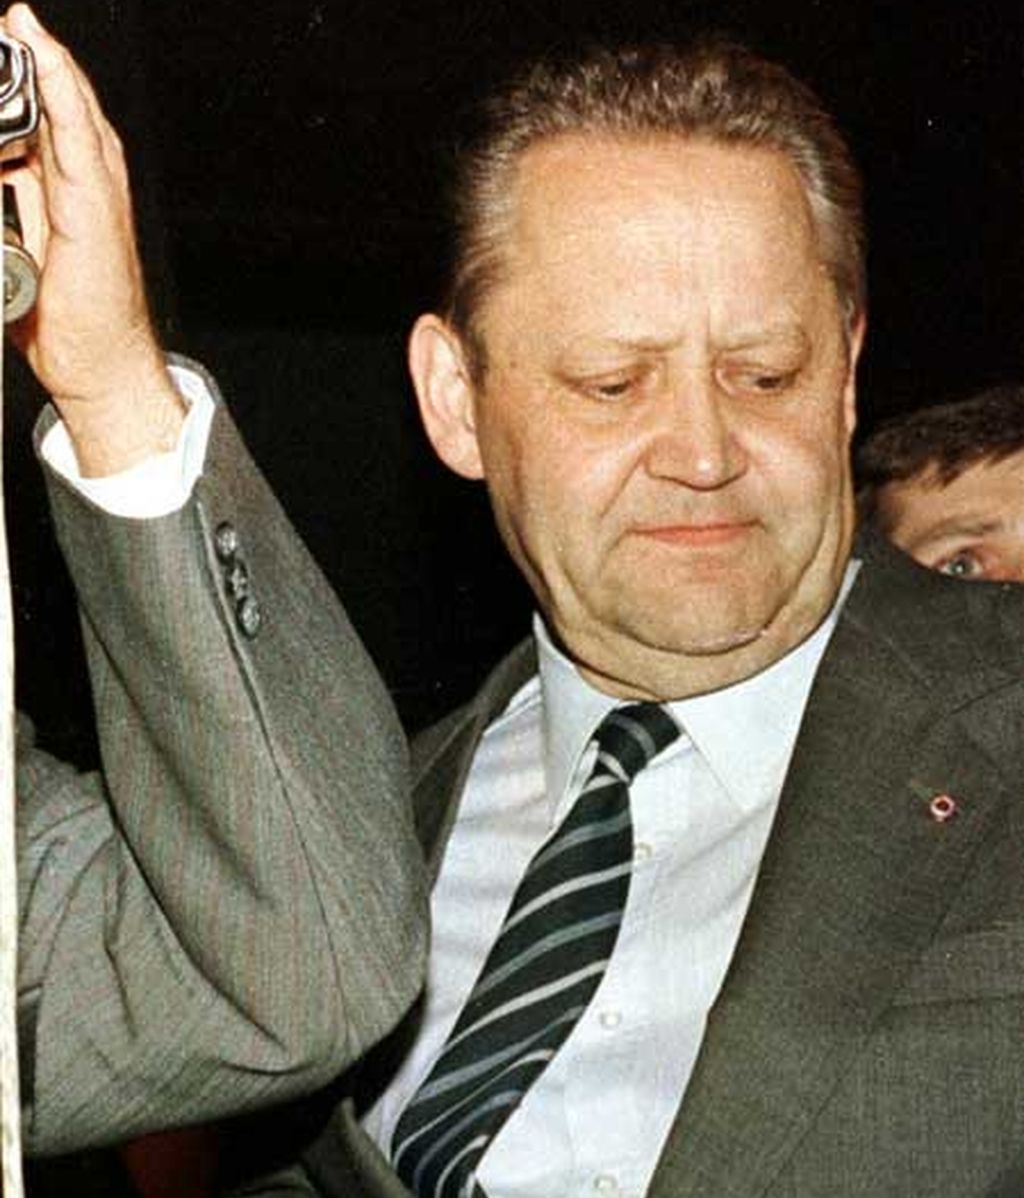 Günter Schabowski, comunicó la ley de viajes que derribó el Muro